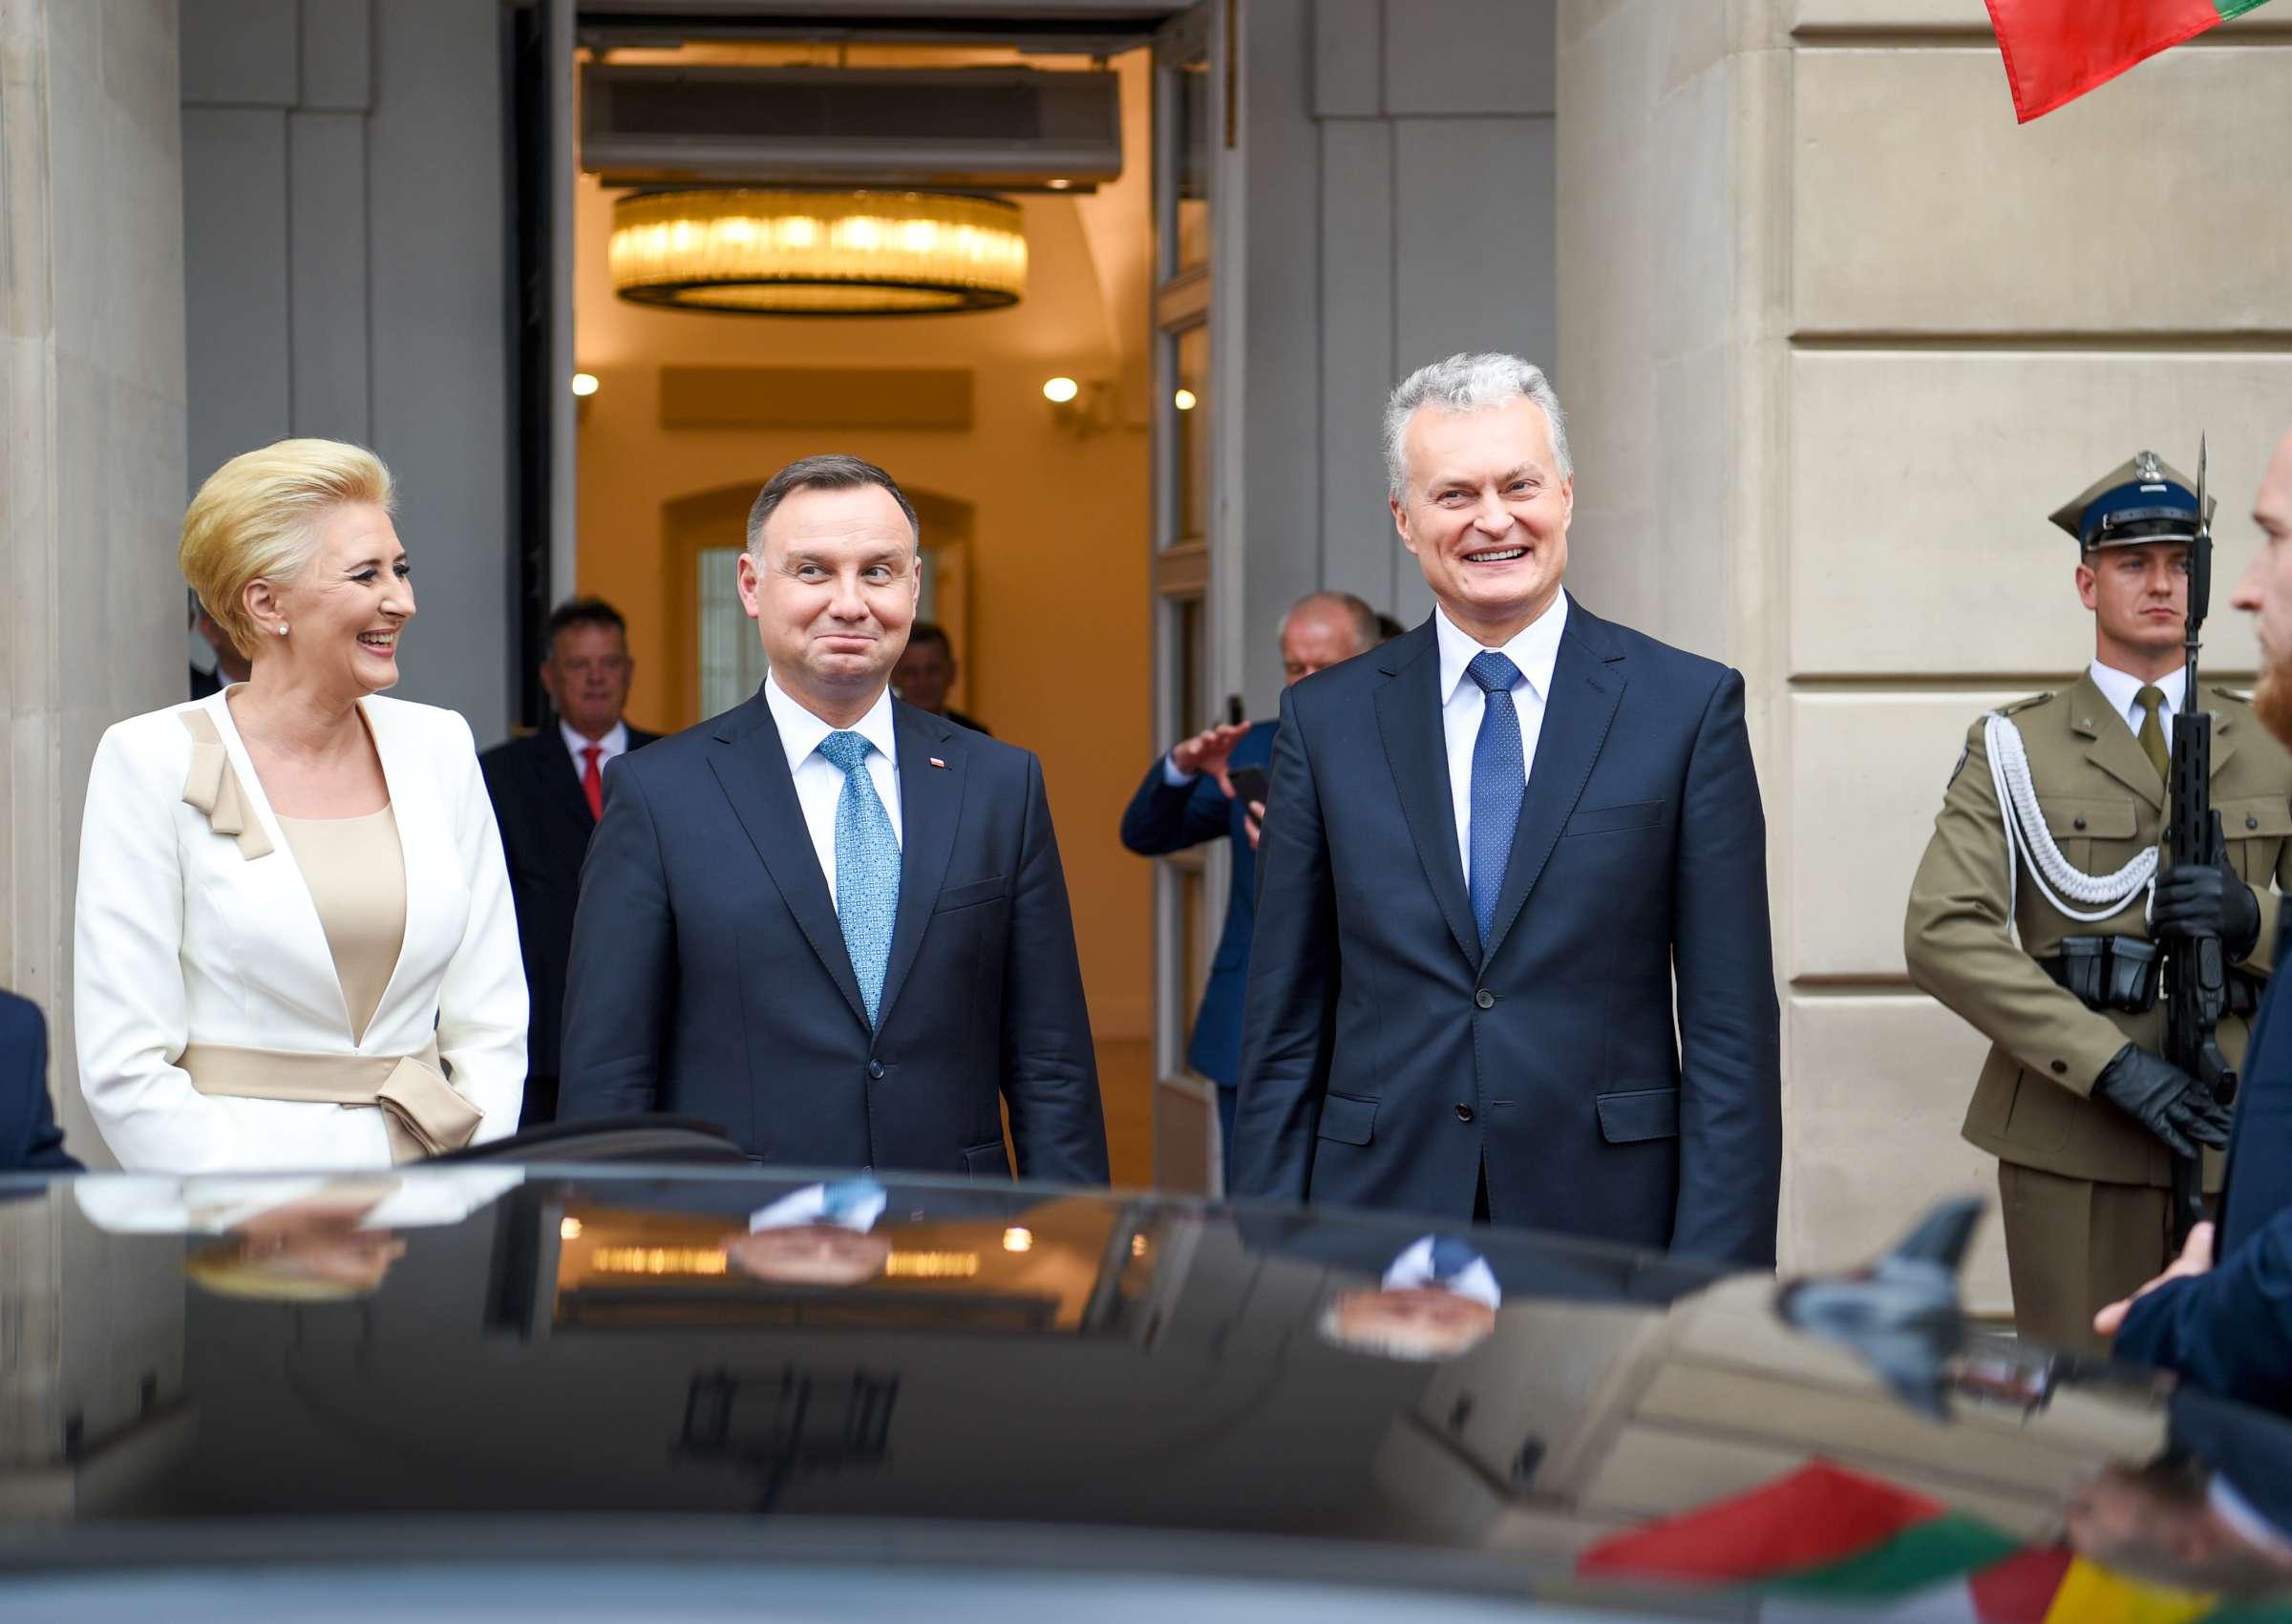 Lietuvos prezidentas Gitanas Nausėda su Lenkijos prezidentas Andžejus Duda ir Agata Kornhauser-Duda | lrp.lt, R. Dačkaus nuotr.